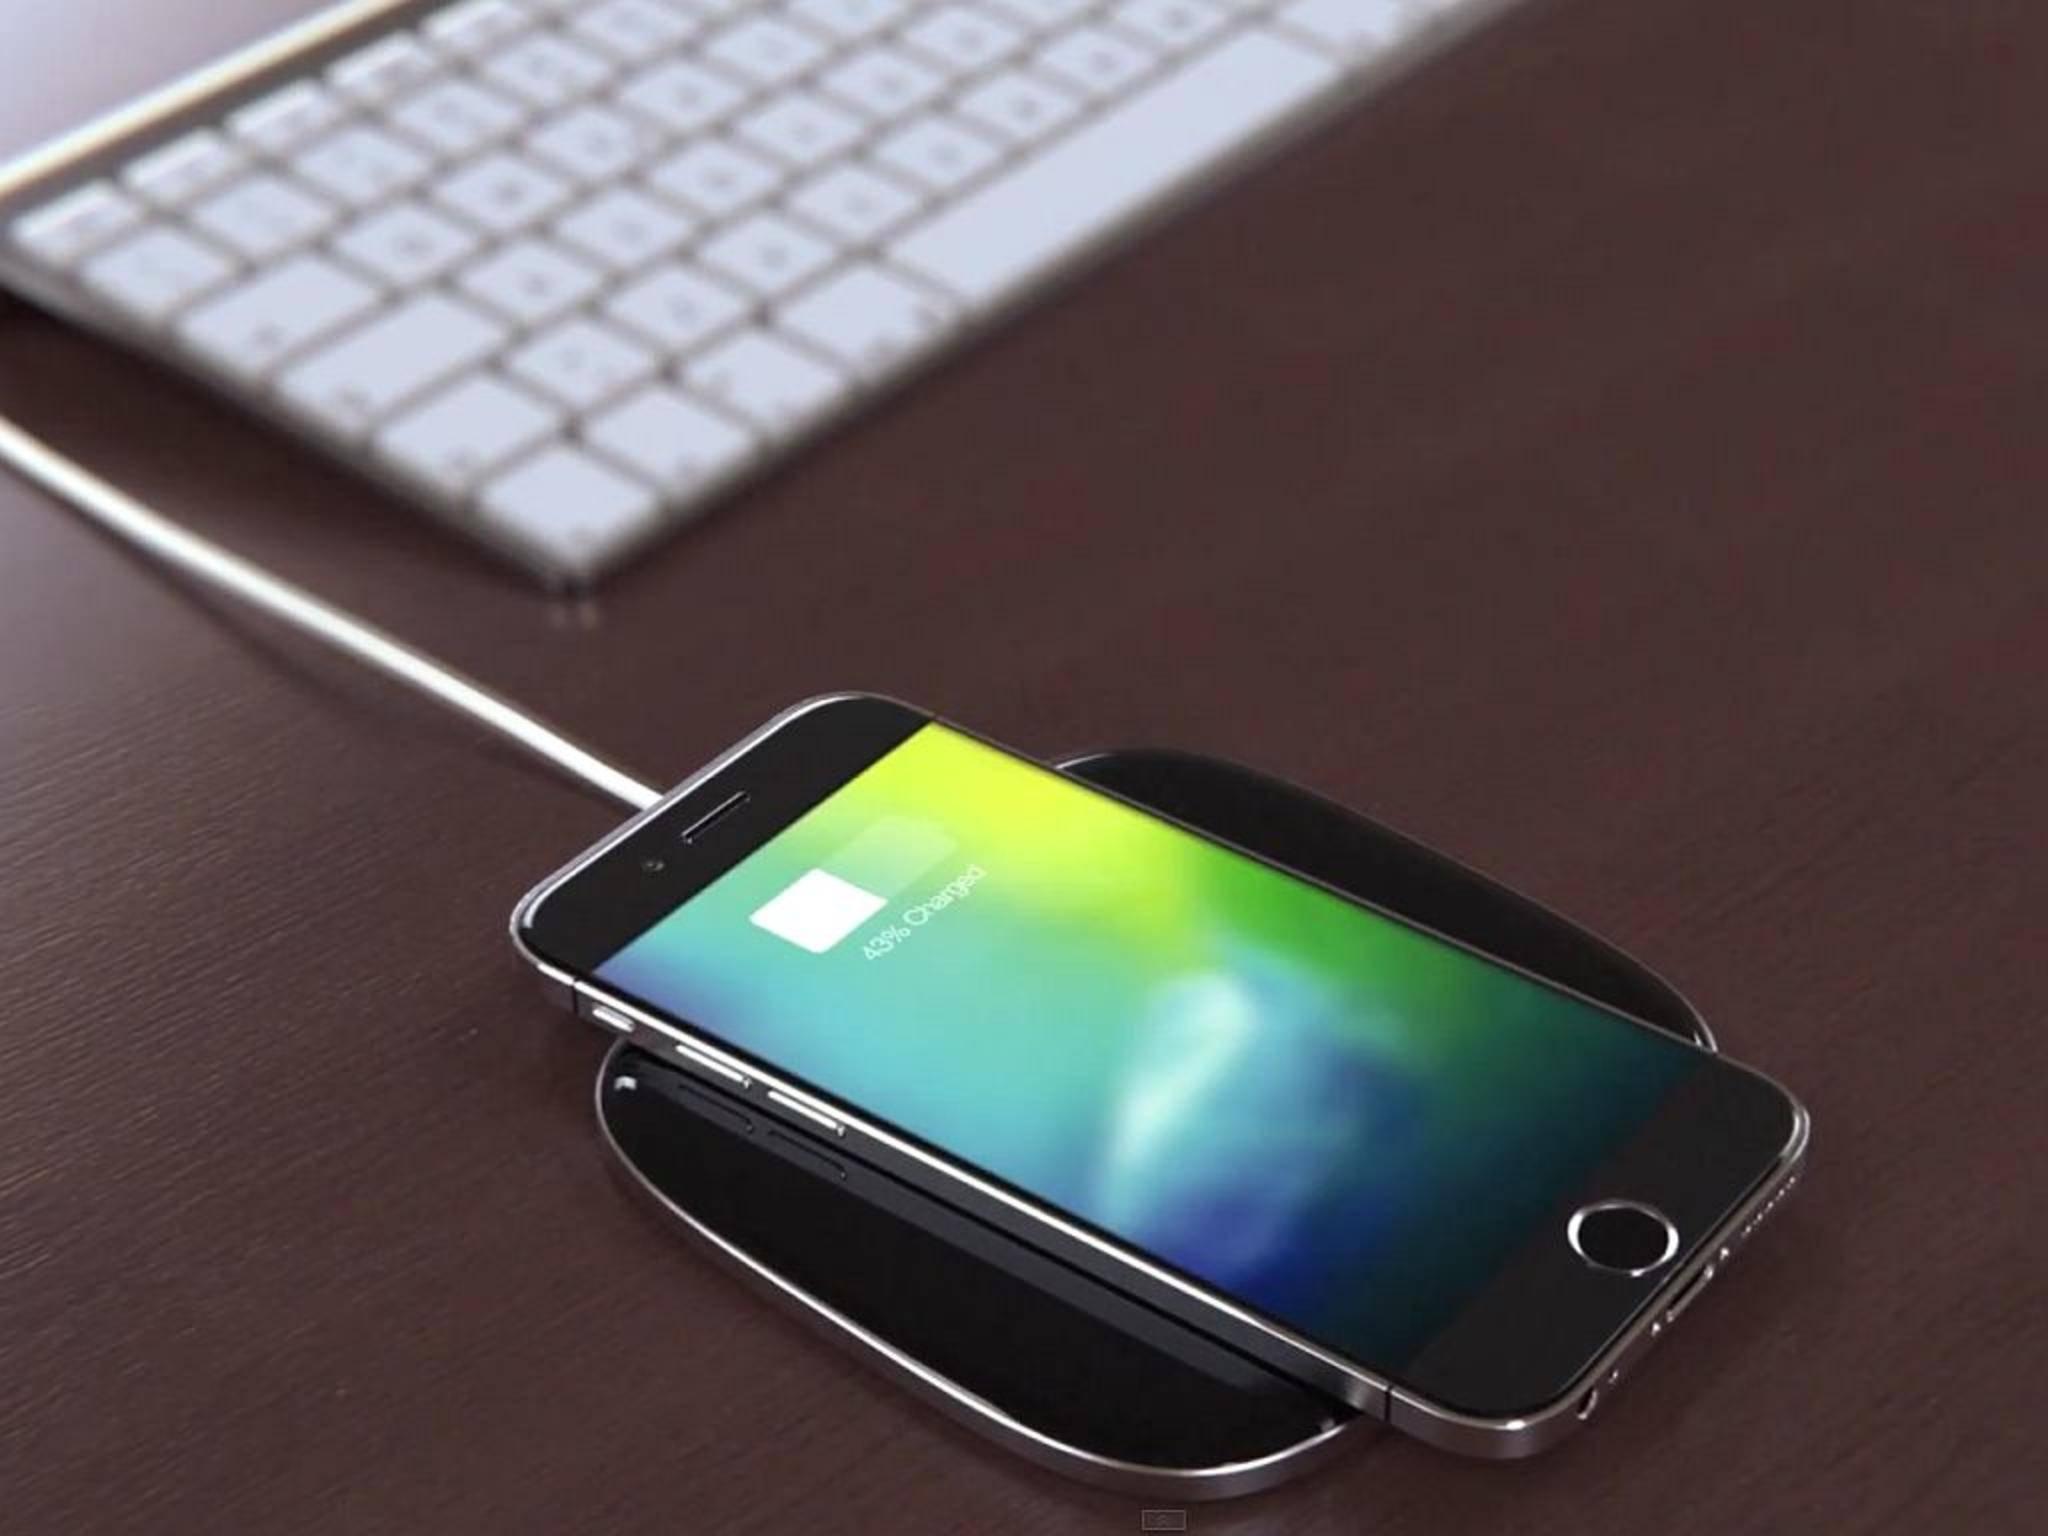 Große Upgrades könnte es beim iPhone nur noch alle drei Jahre geben.